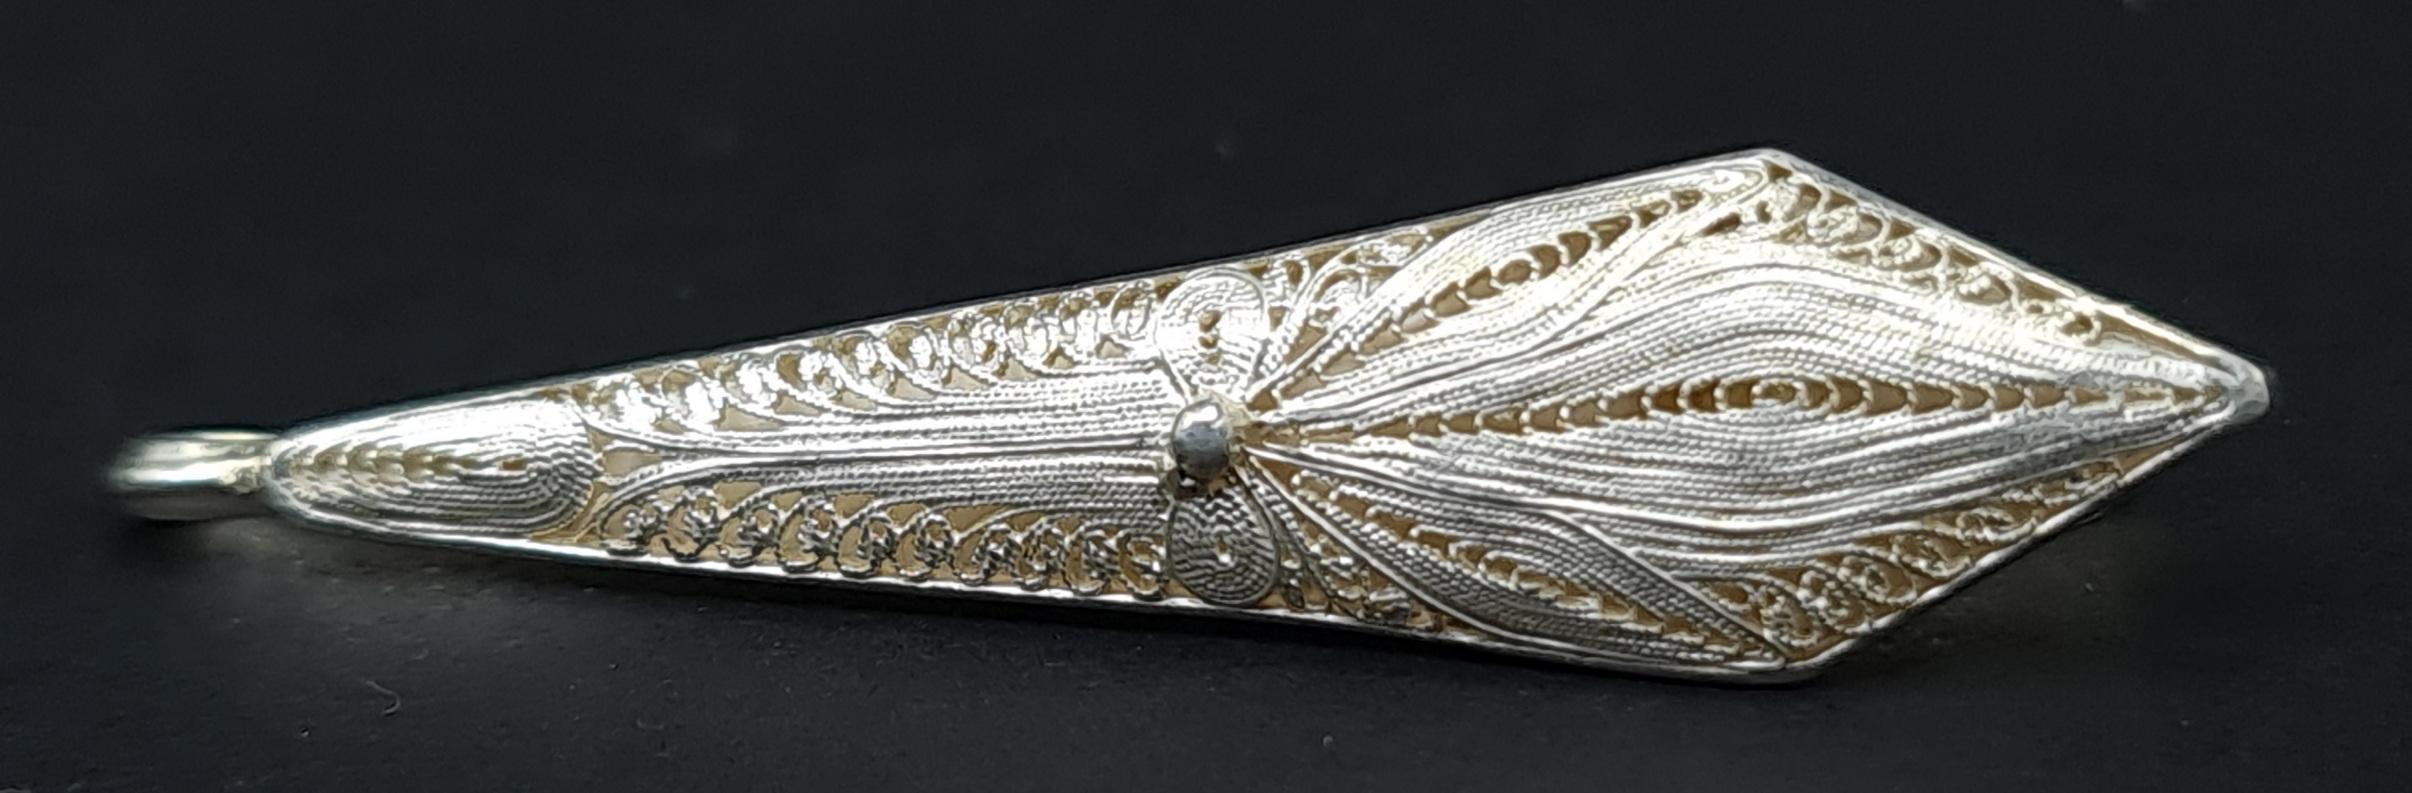 stropdas speld das speld dasspeld stropdas zilver fijn zilveren stropdasspeld filigraan zilver filigrain silver tieclip skoander.com